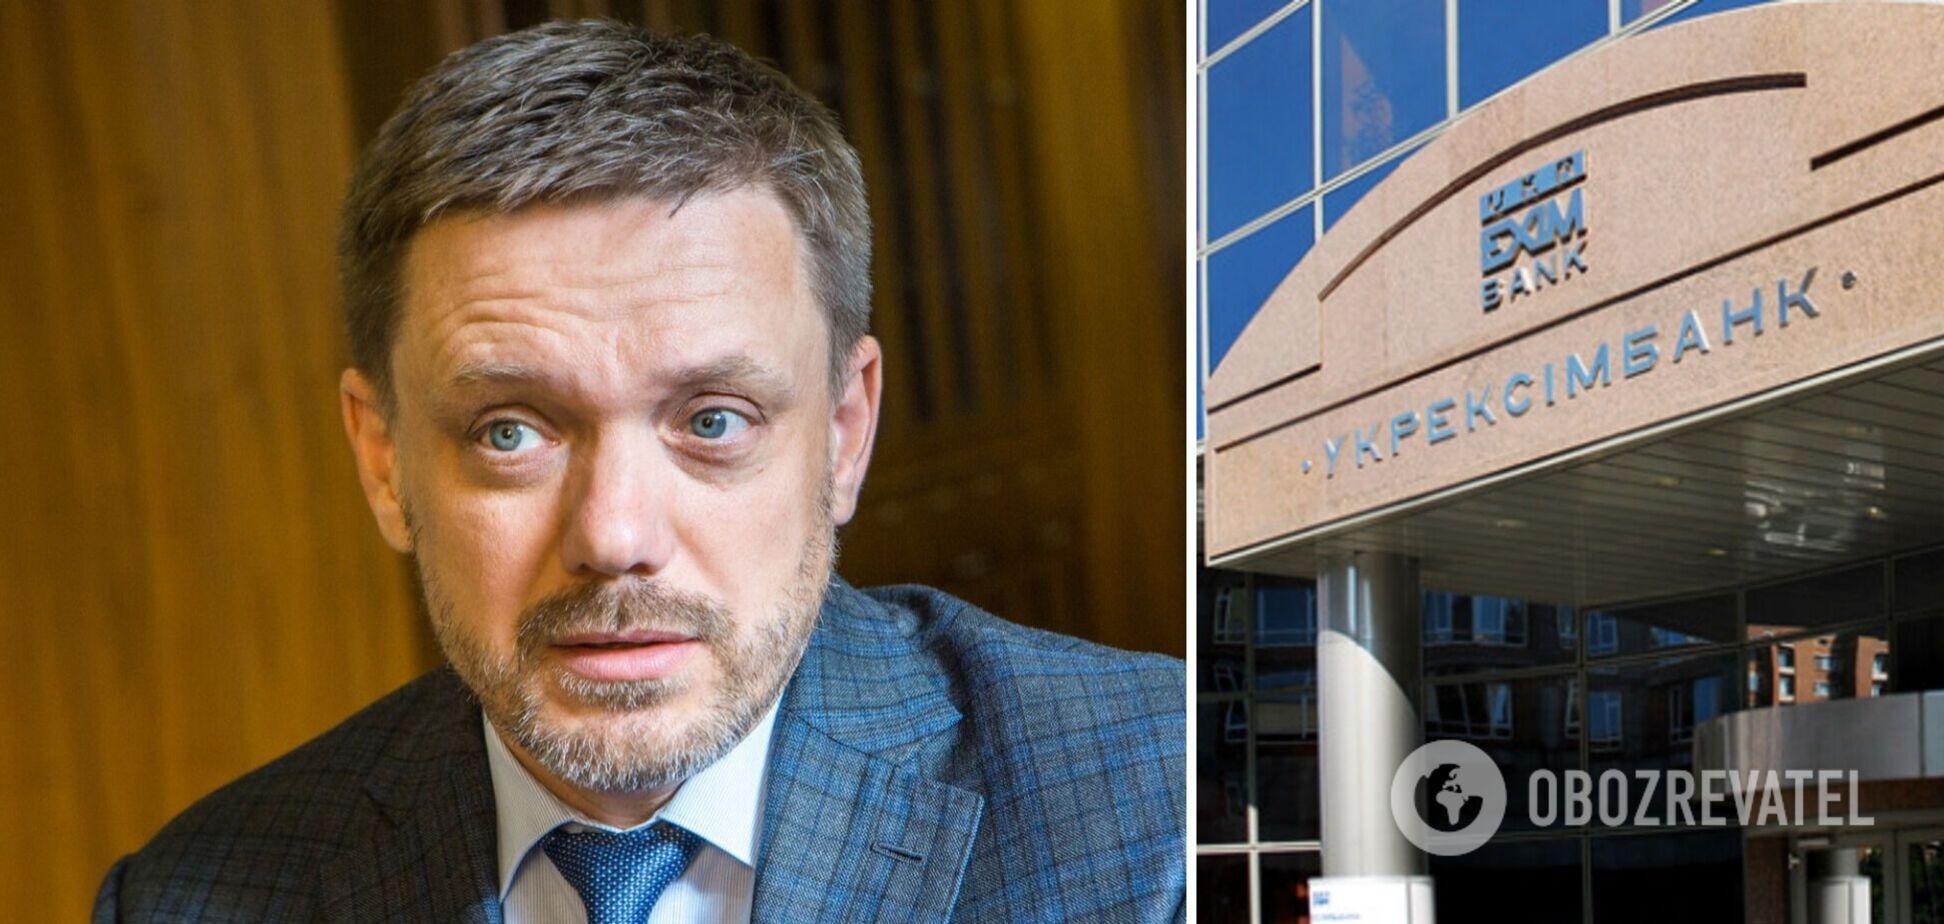 'ДНР', SkyMall и $60 млн кредита: 'Схемы' опубликовали полное расследование о Мецгере и Укрэксимбанке. Видео